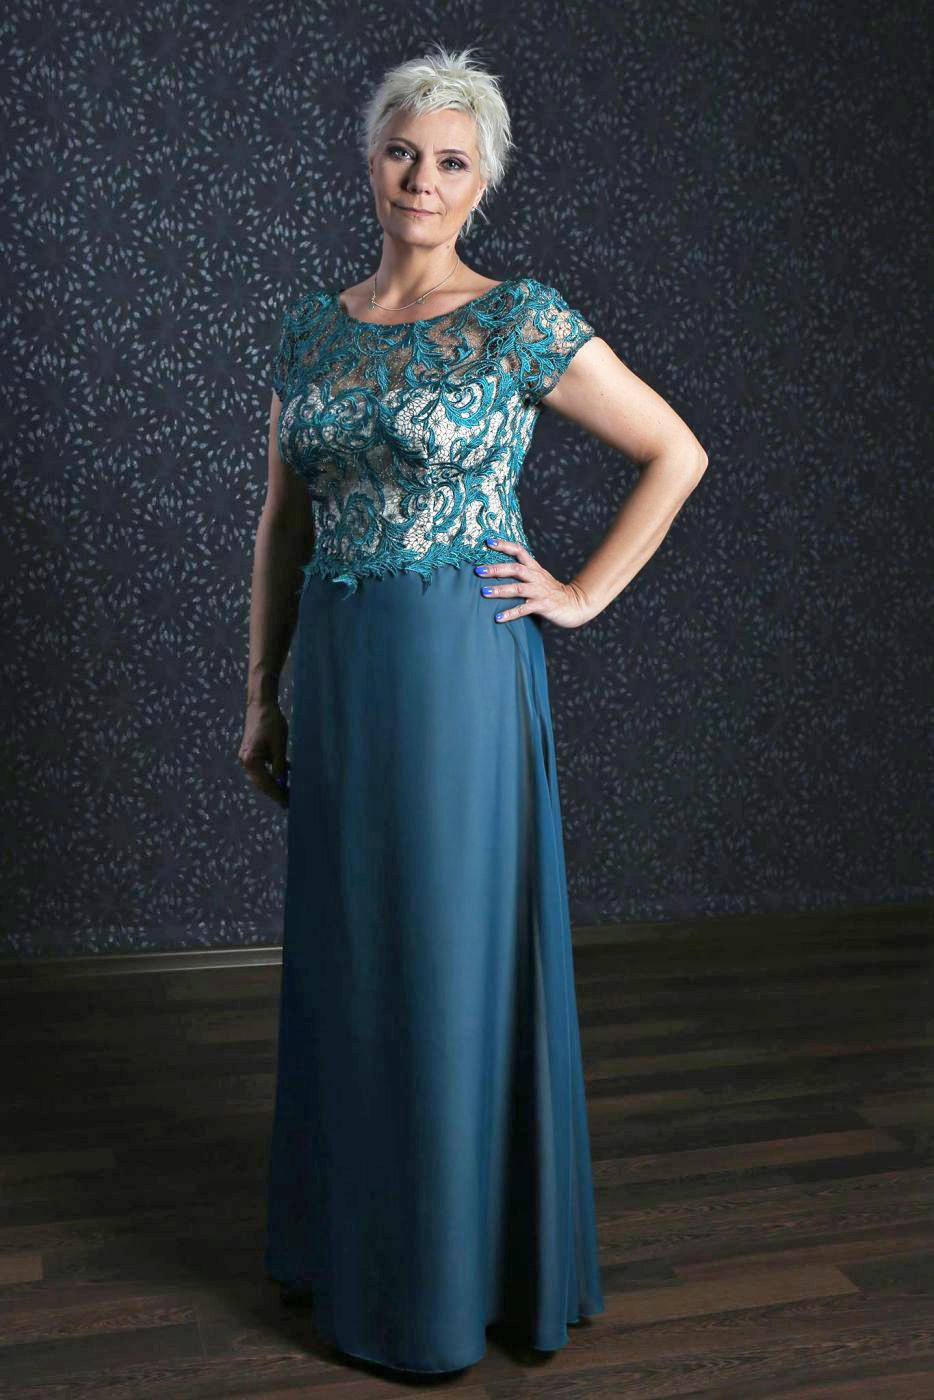 Langes Abendkleid Für Die Brautmutter Smaragd Grün Türkis